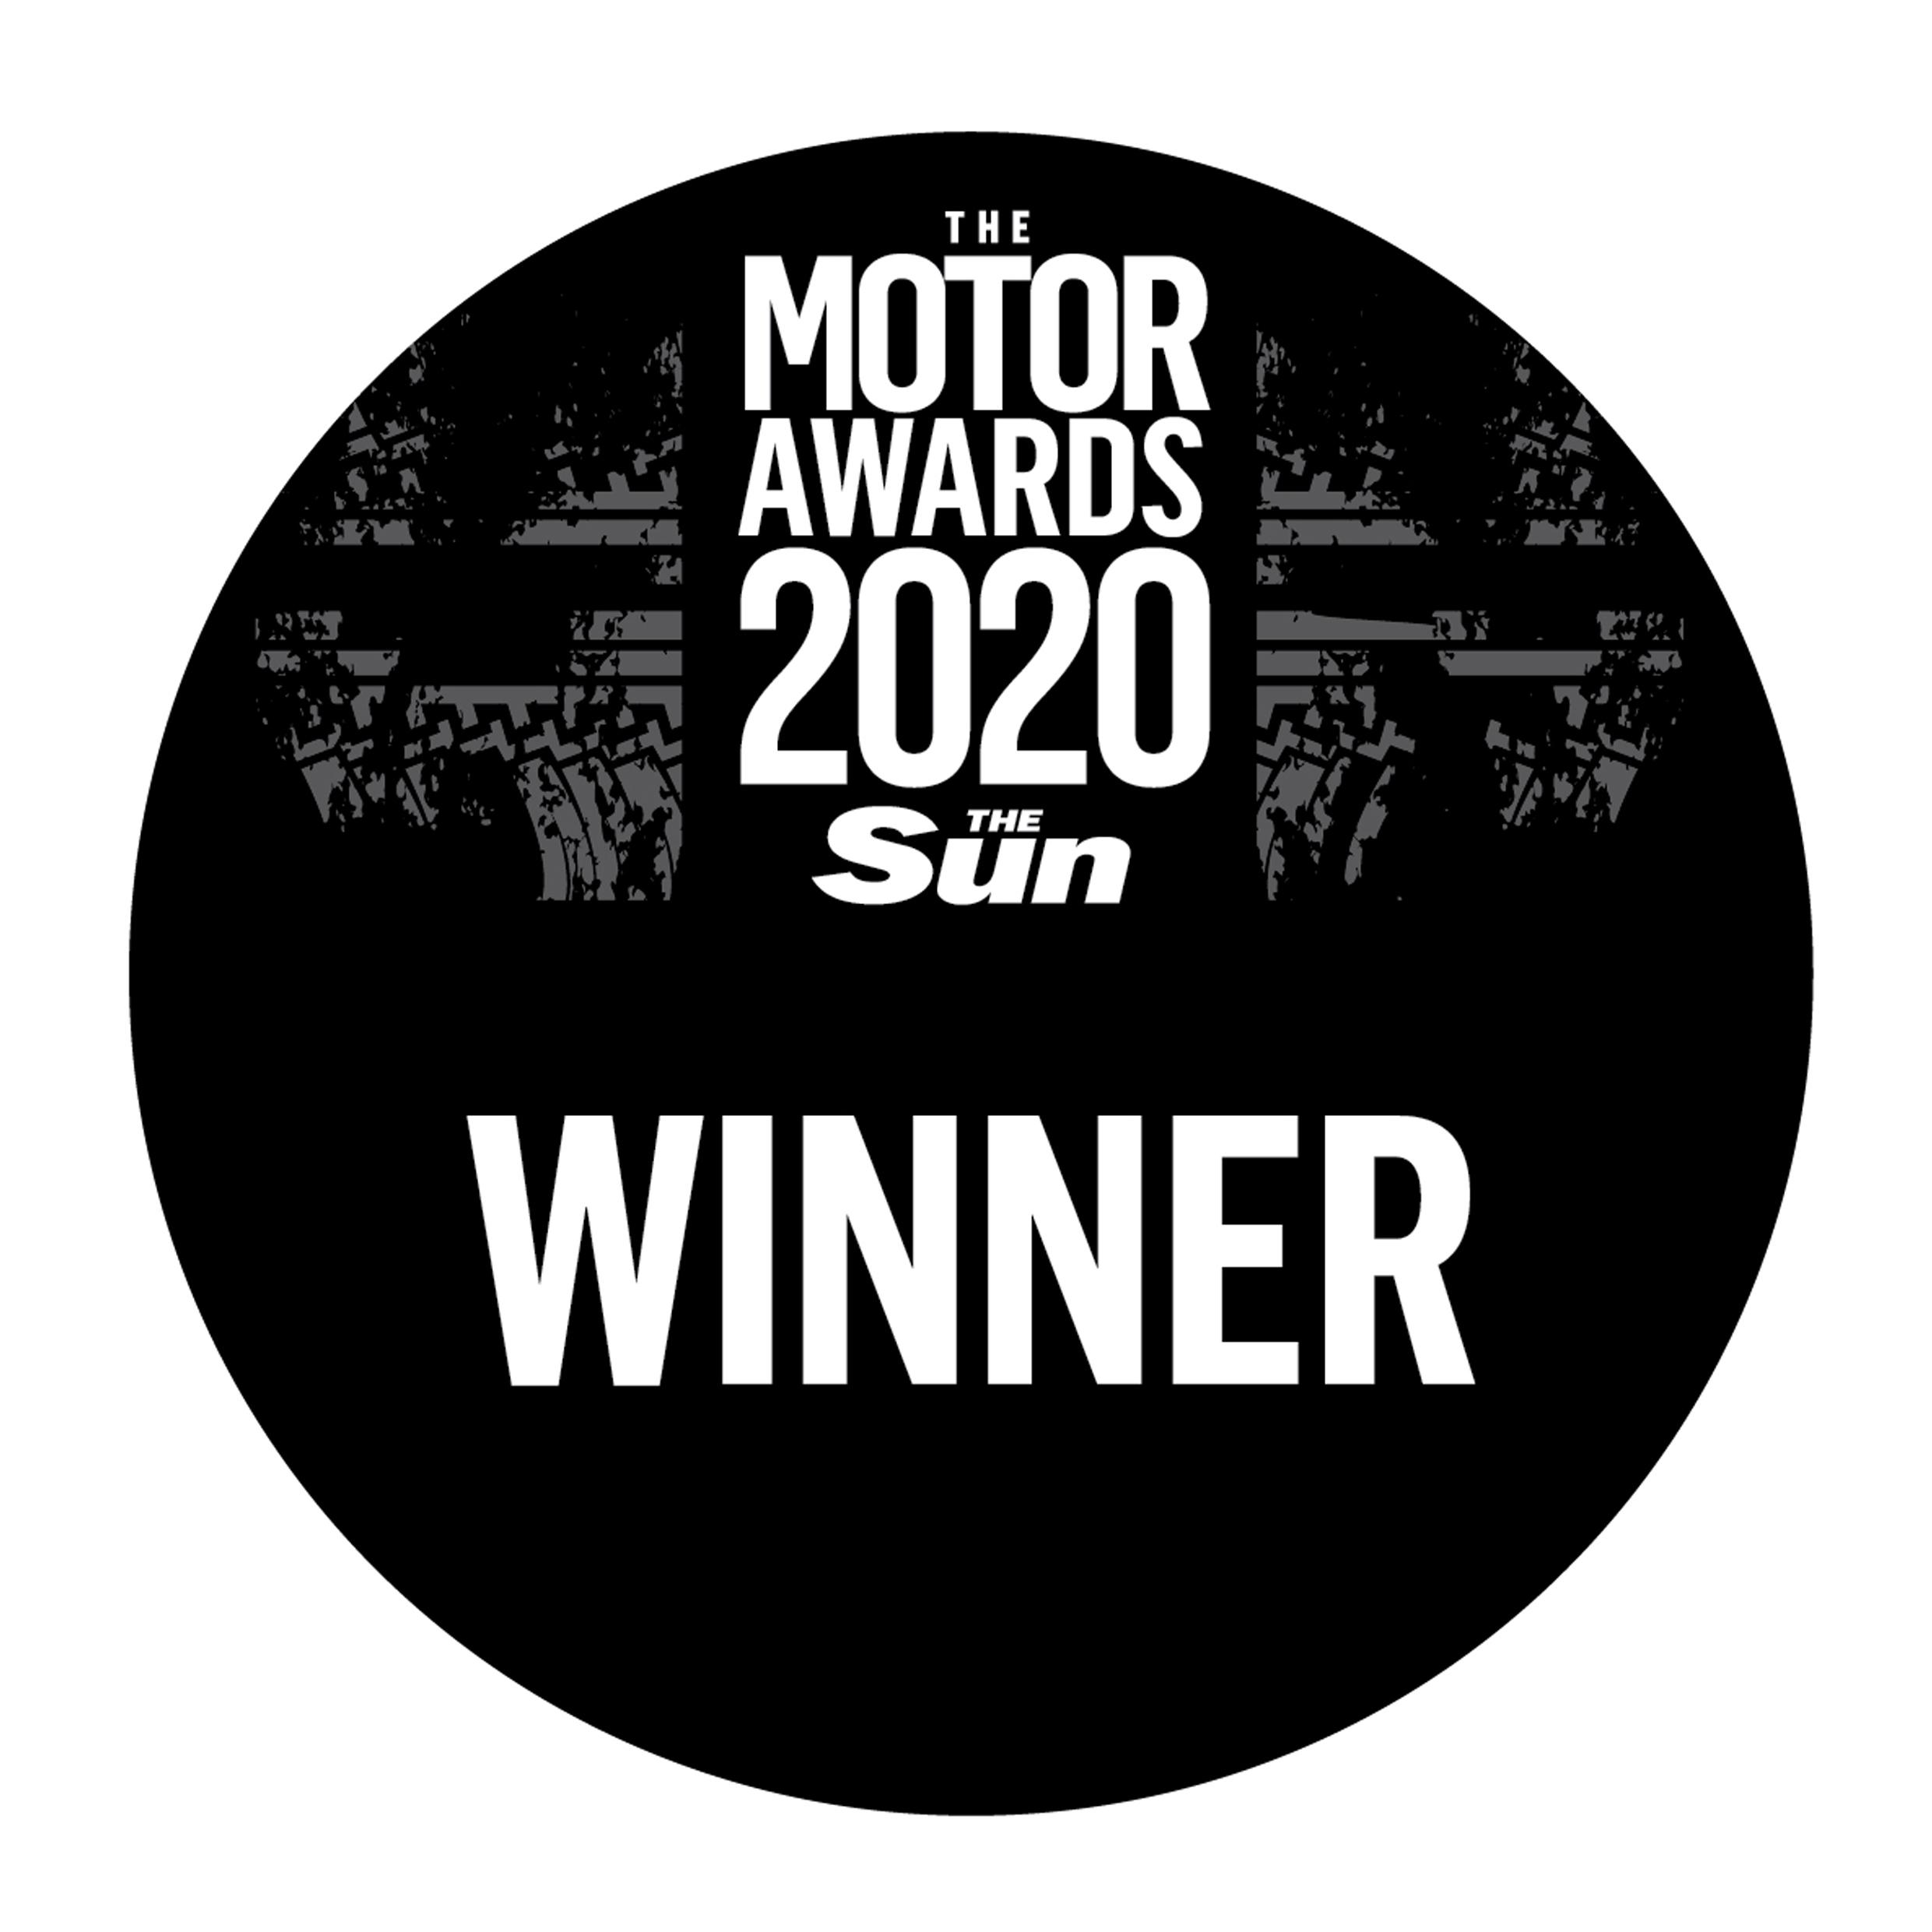 The Sun Motoring Awards Winner 2020